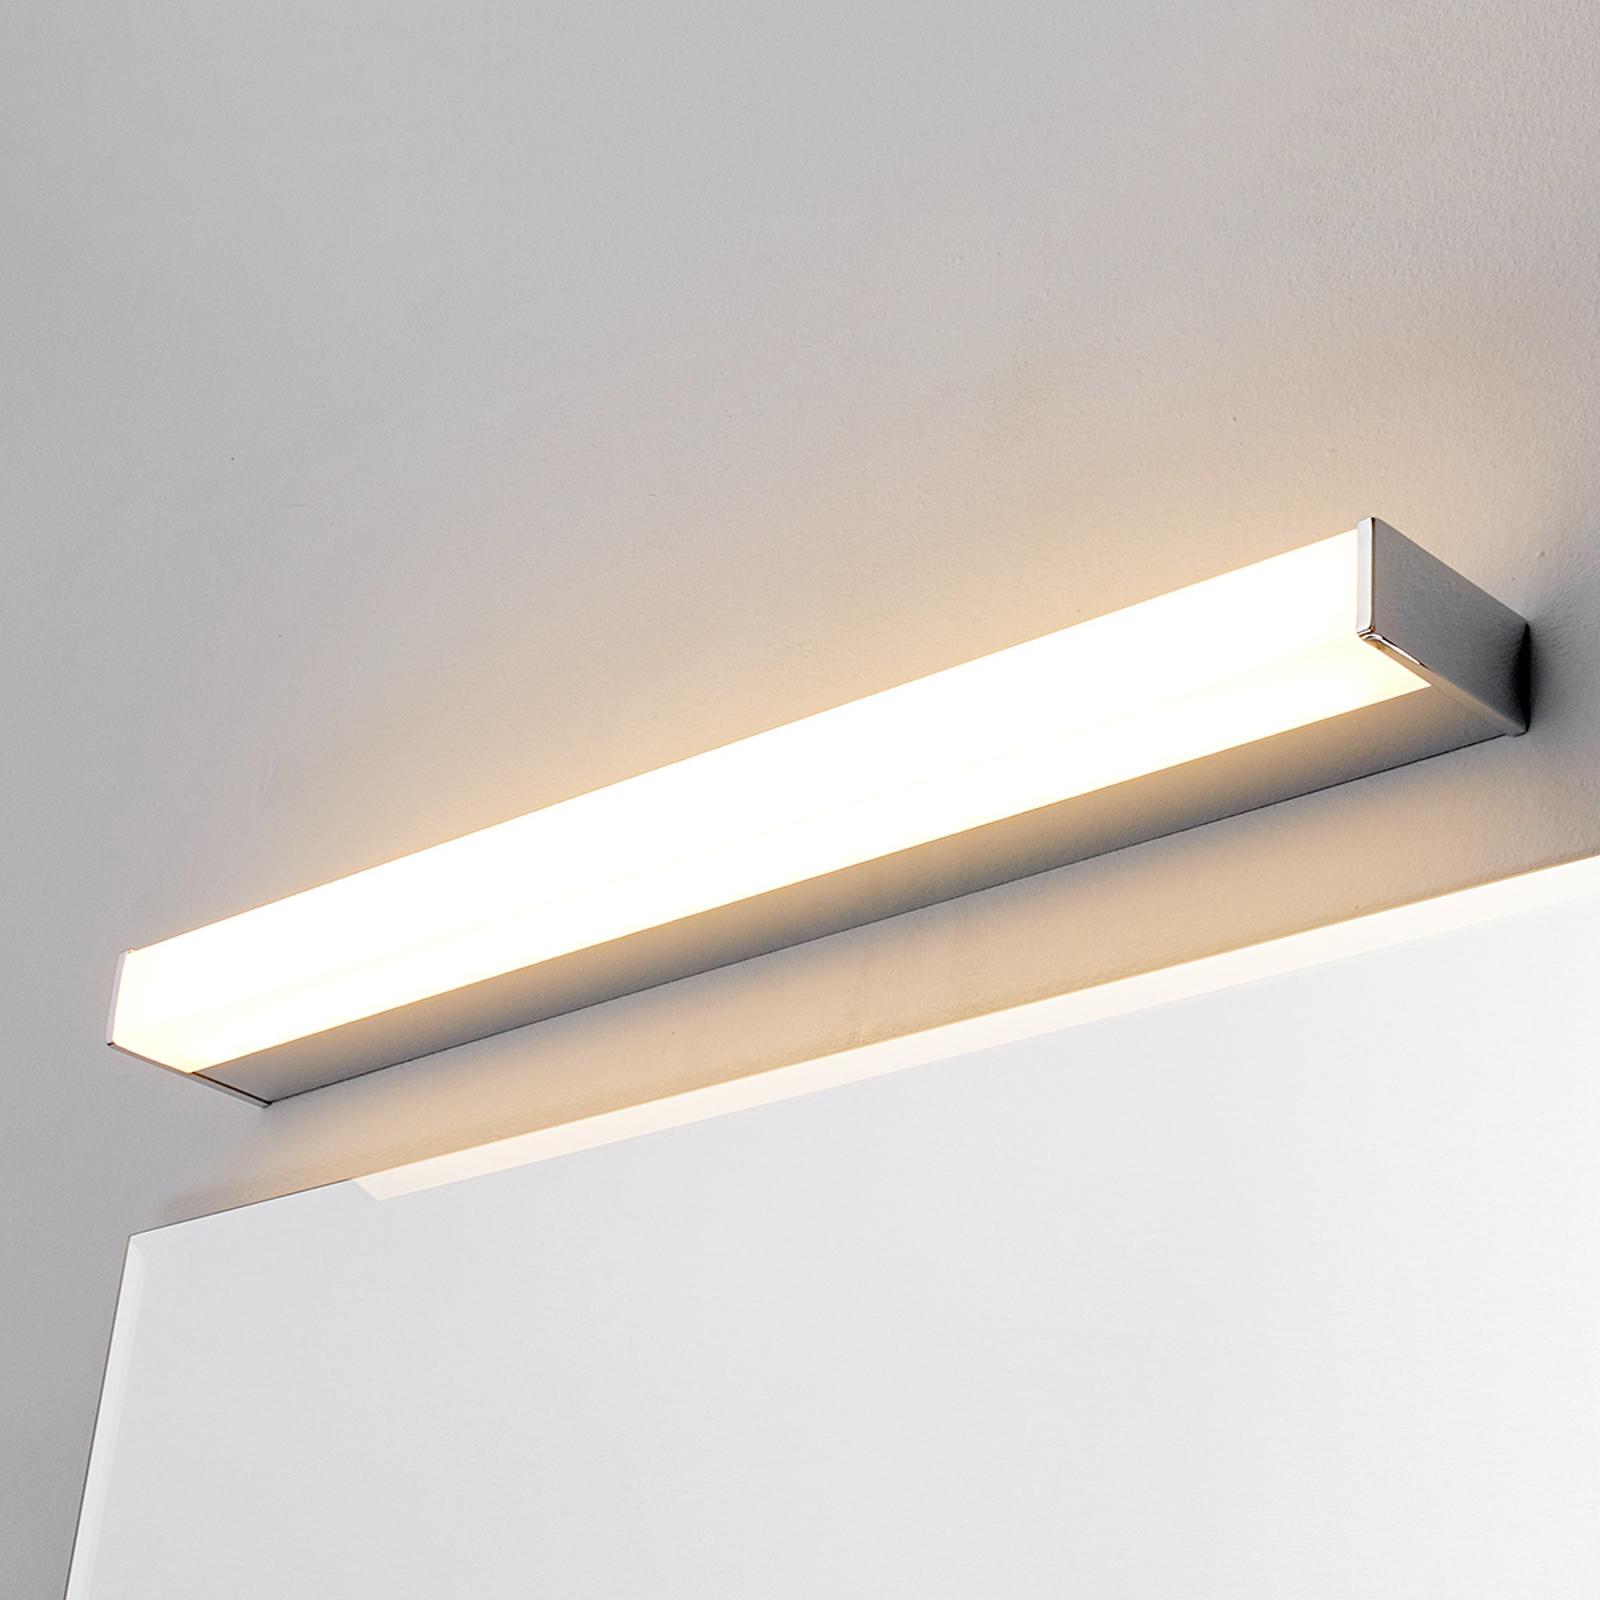 LED-bad- og speillampe Philippa kantet 58 cm